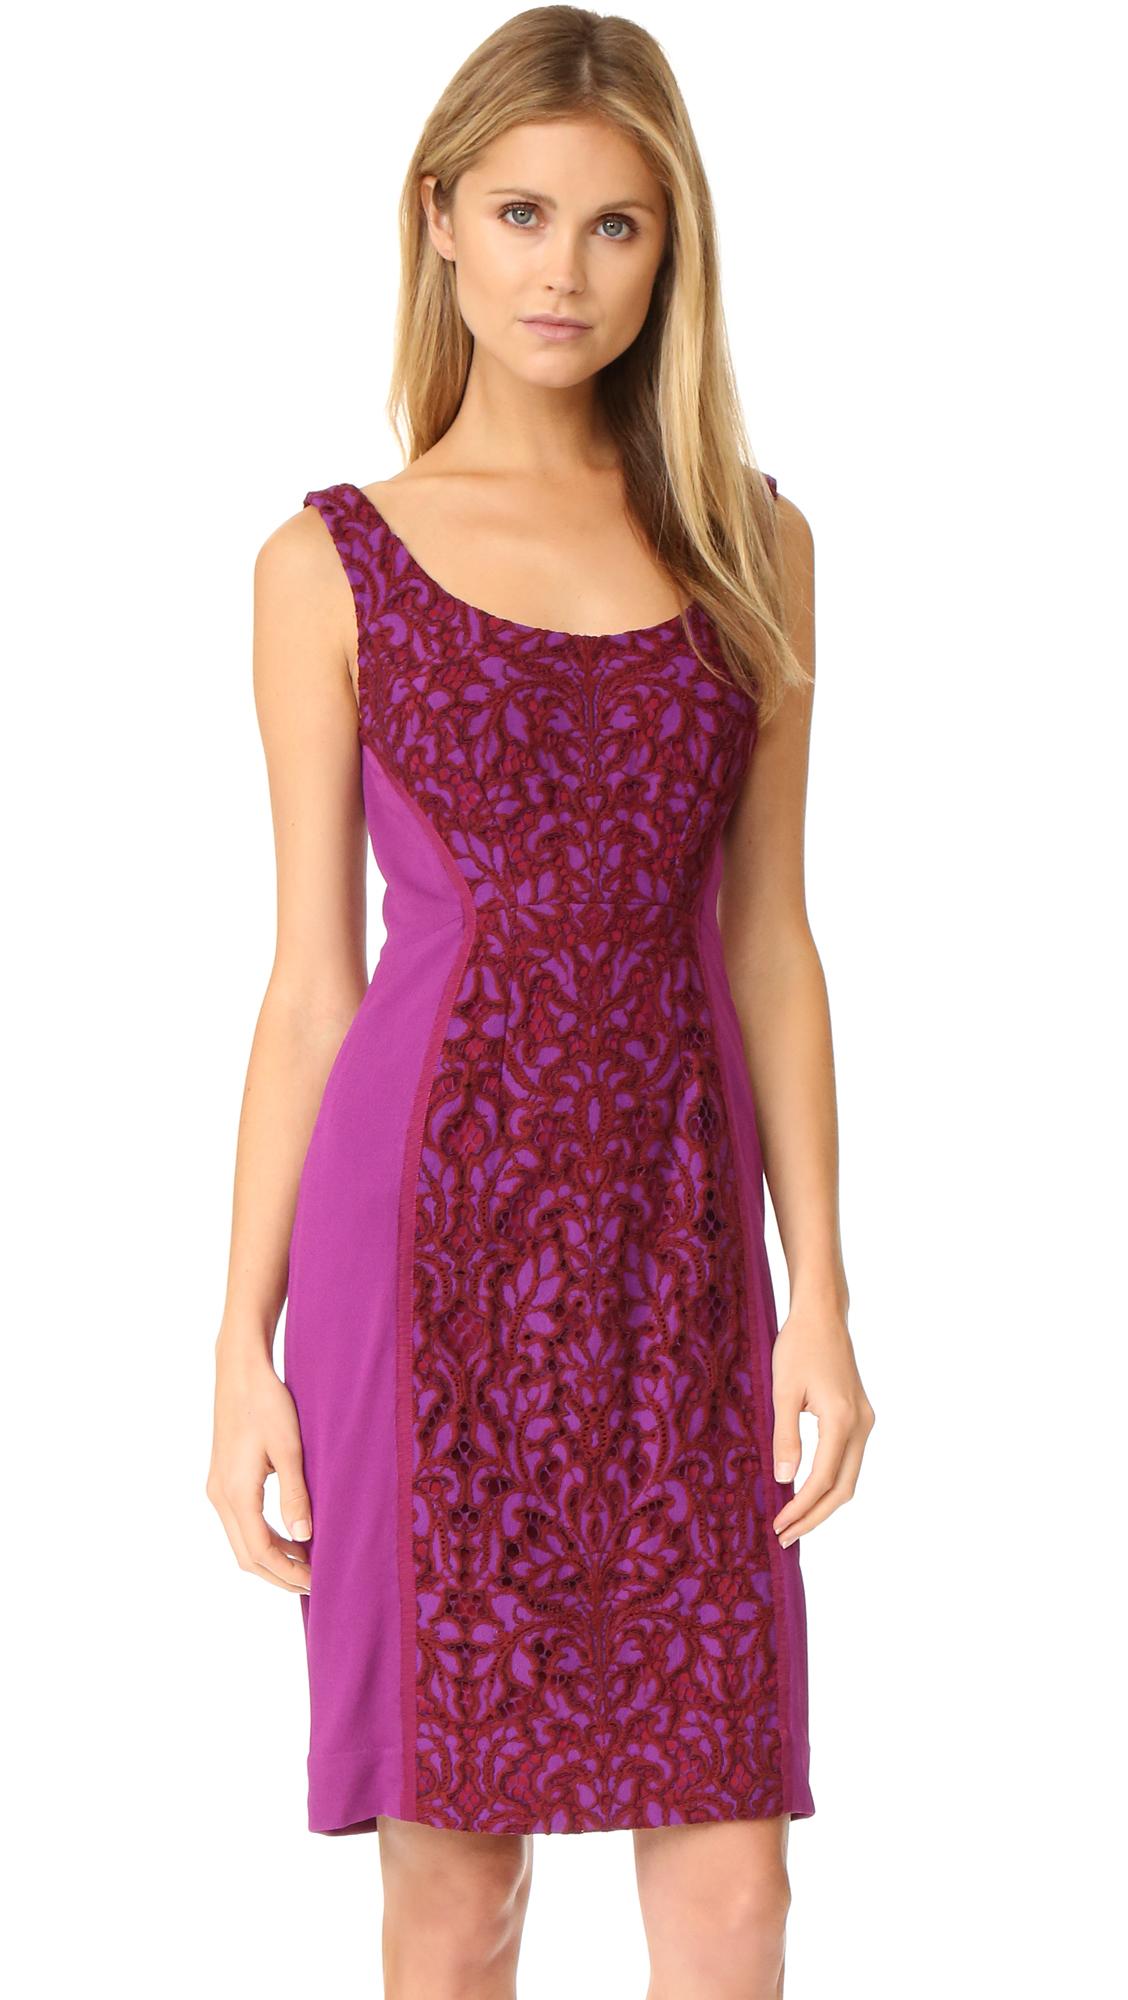 diane von furstenberg female diane von furstenberg geovana lace dress purple amethystred onyx